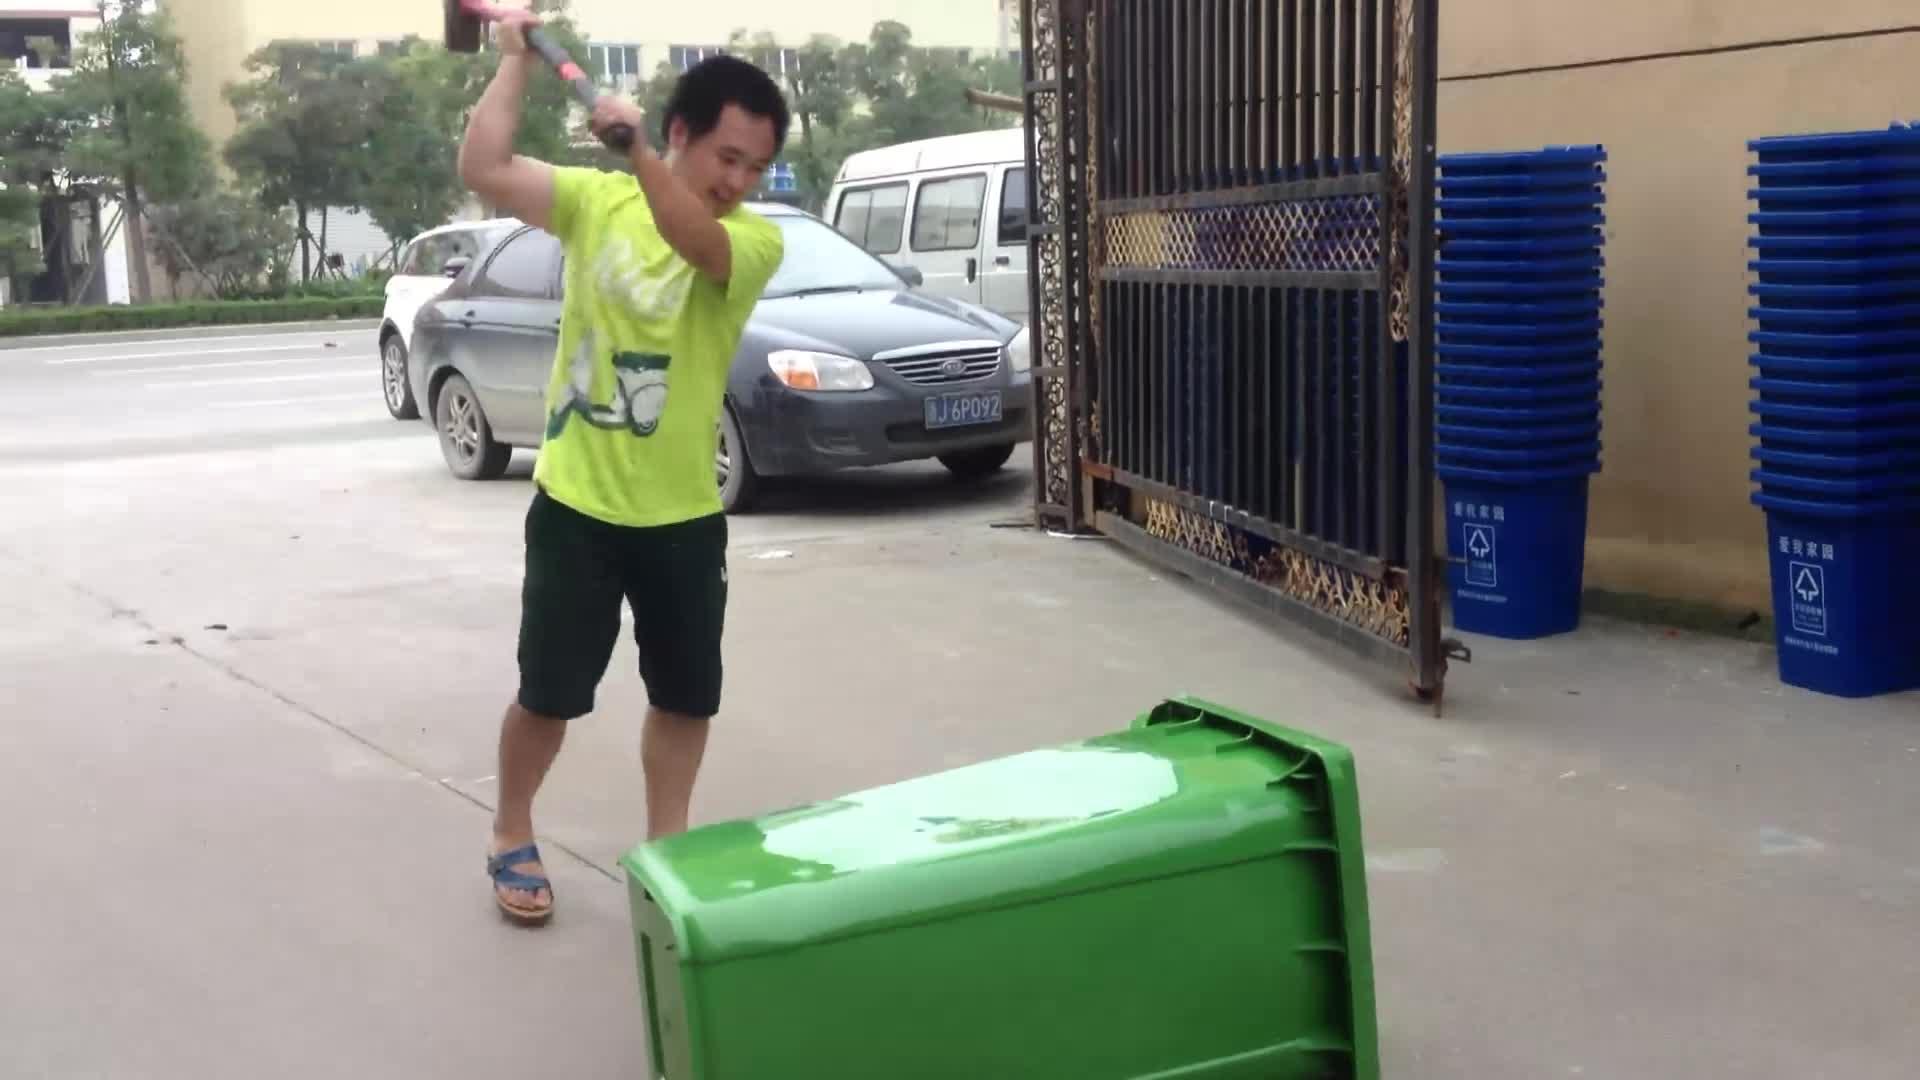 50-1100 liter Virgin HDPE wheelie bins